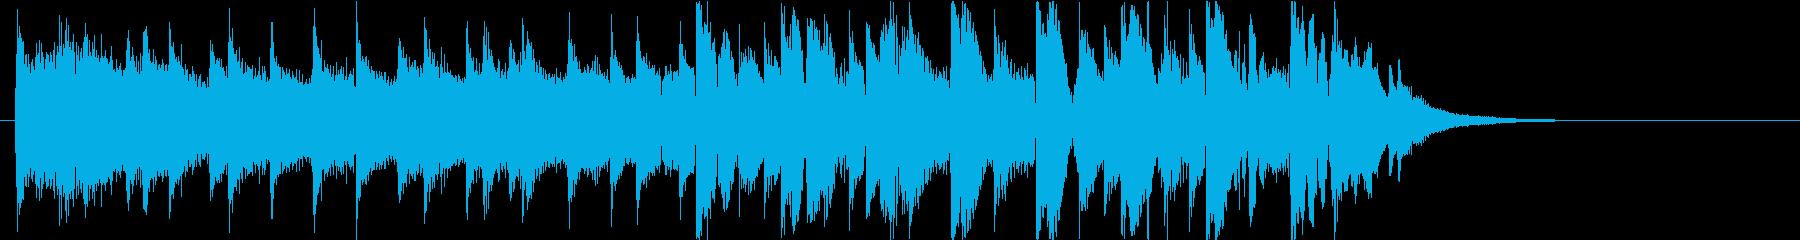 【ジングル】EDM・さわやか・後半ビートの再生済みの波形